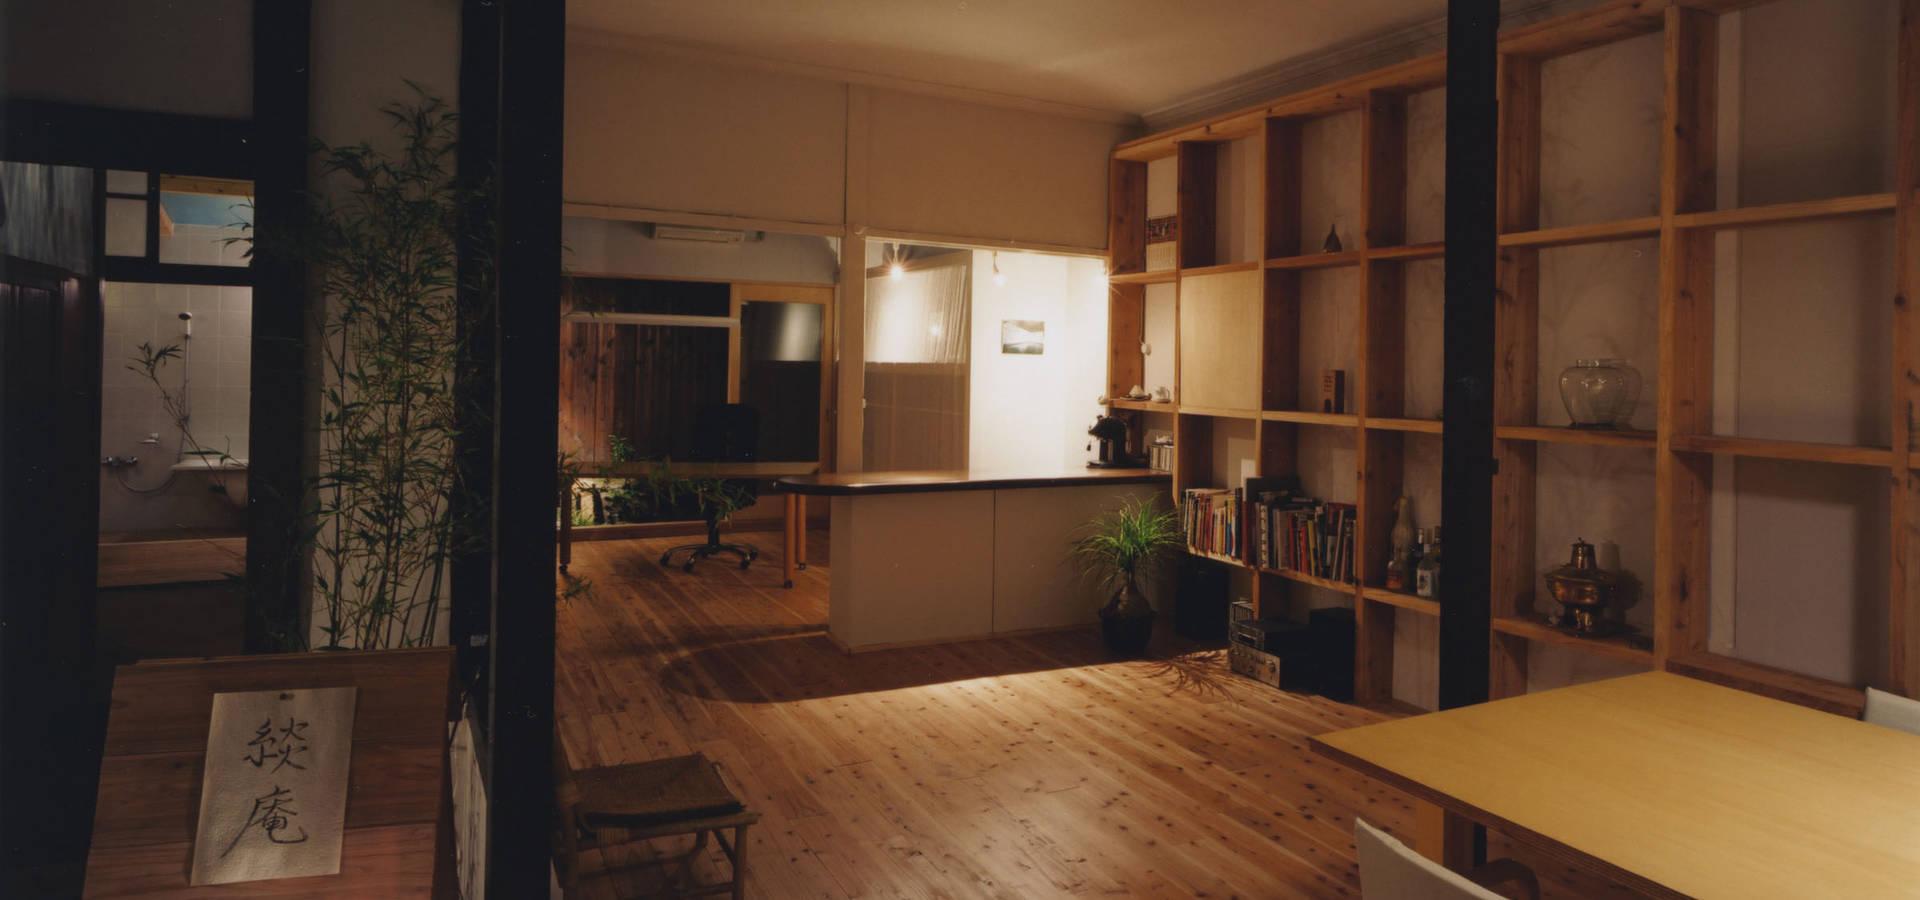 建築設計室Morizo-